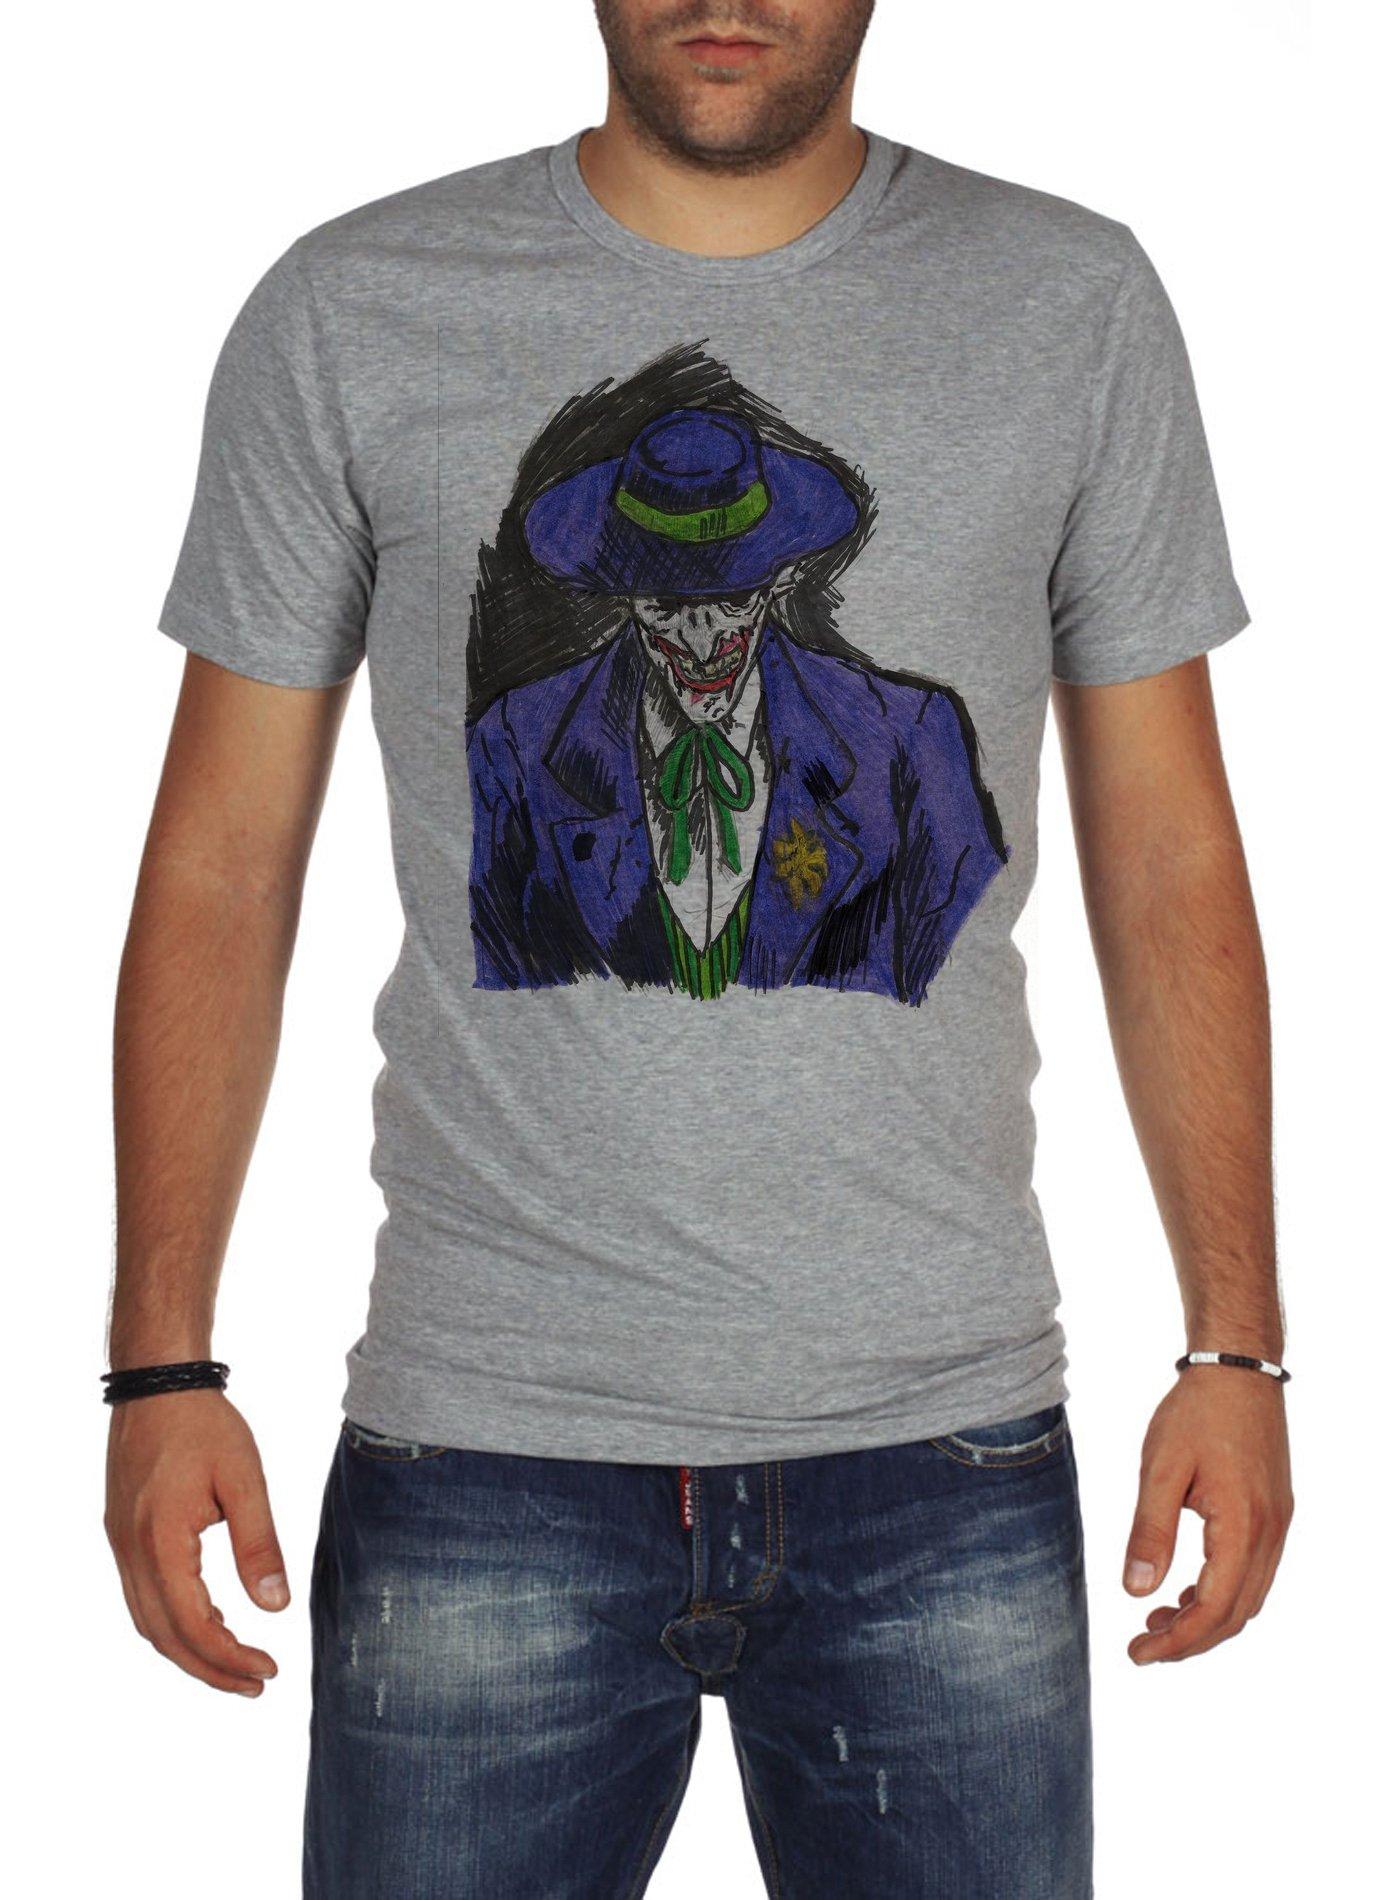 S Fashion Batman The Joker Tshirt